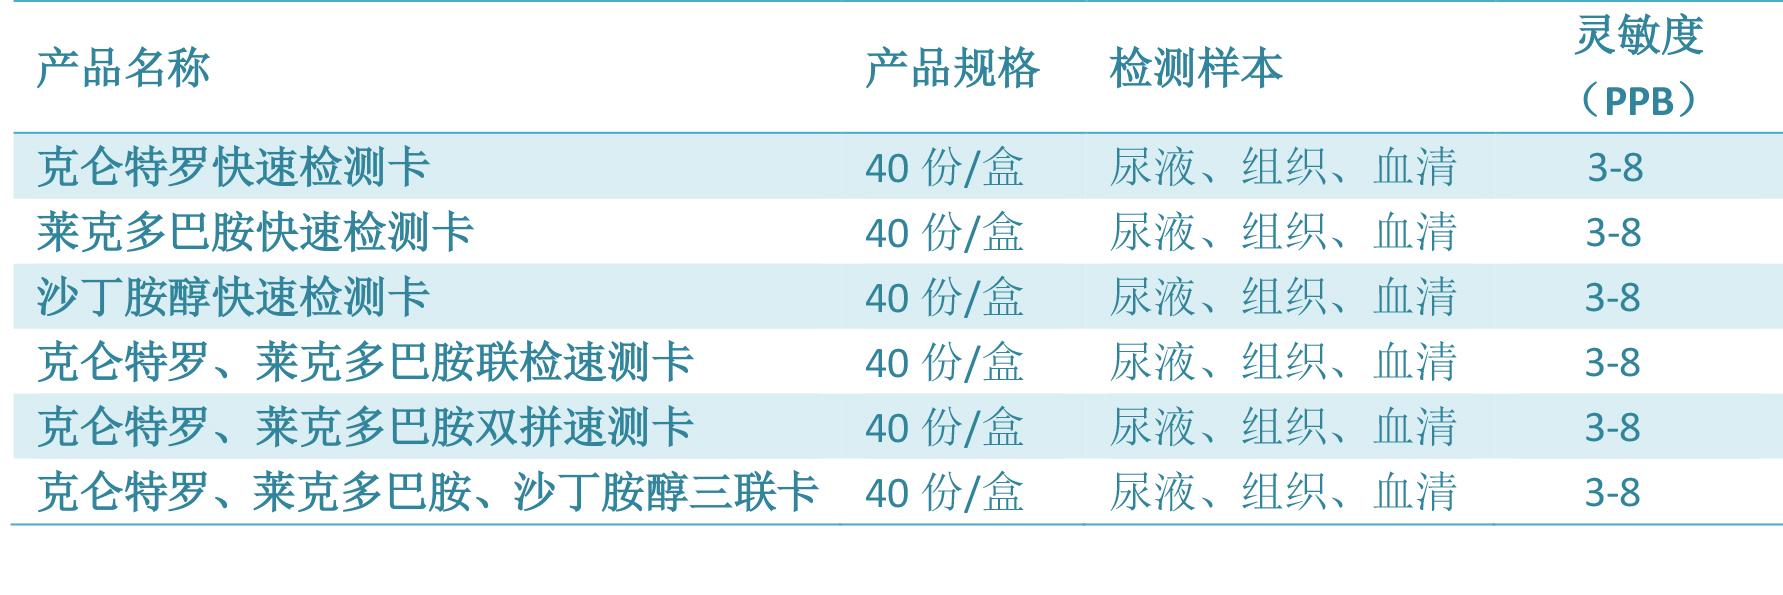 广州网红店被离职高管曝使用变质肉 企业负责人获刑